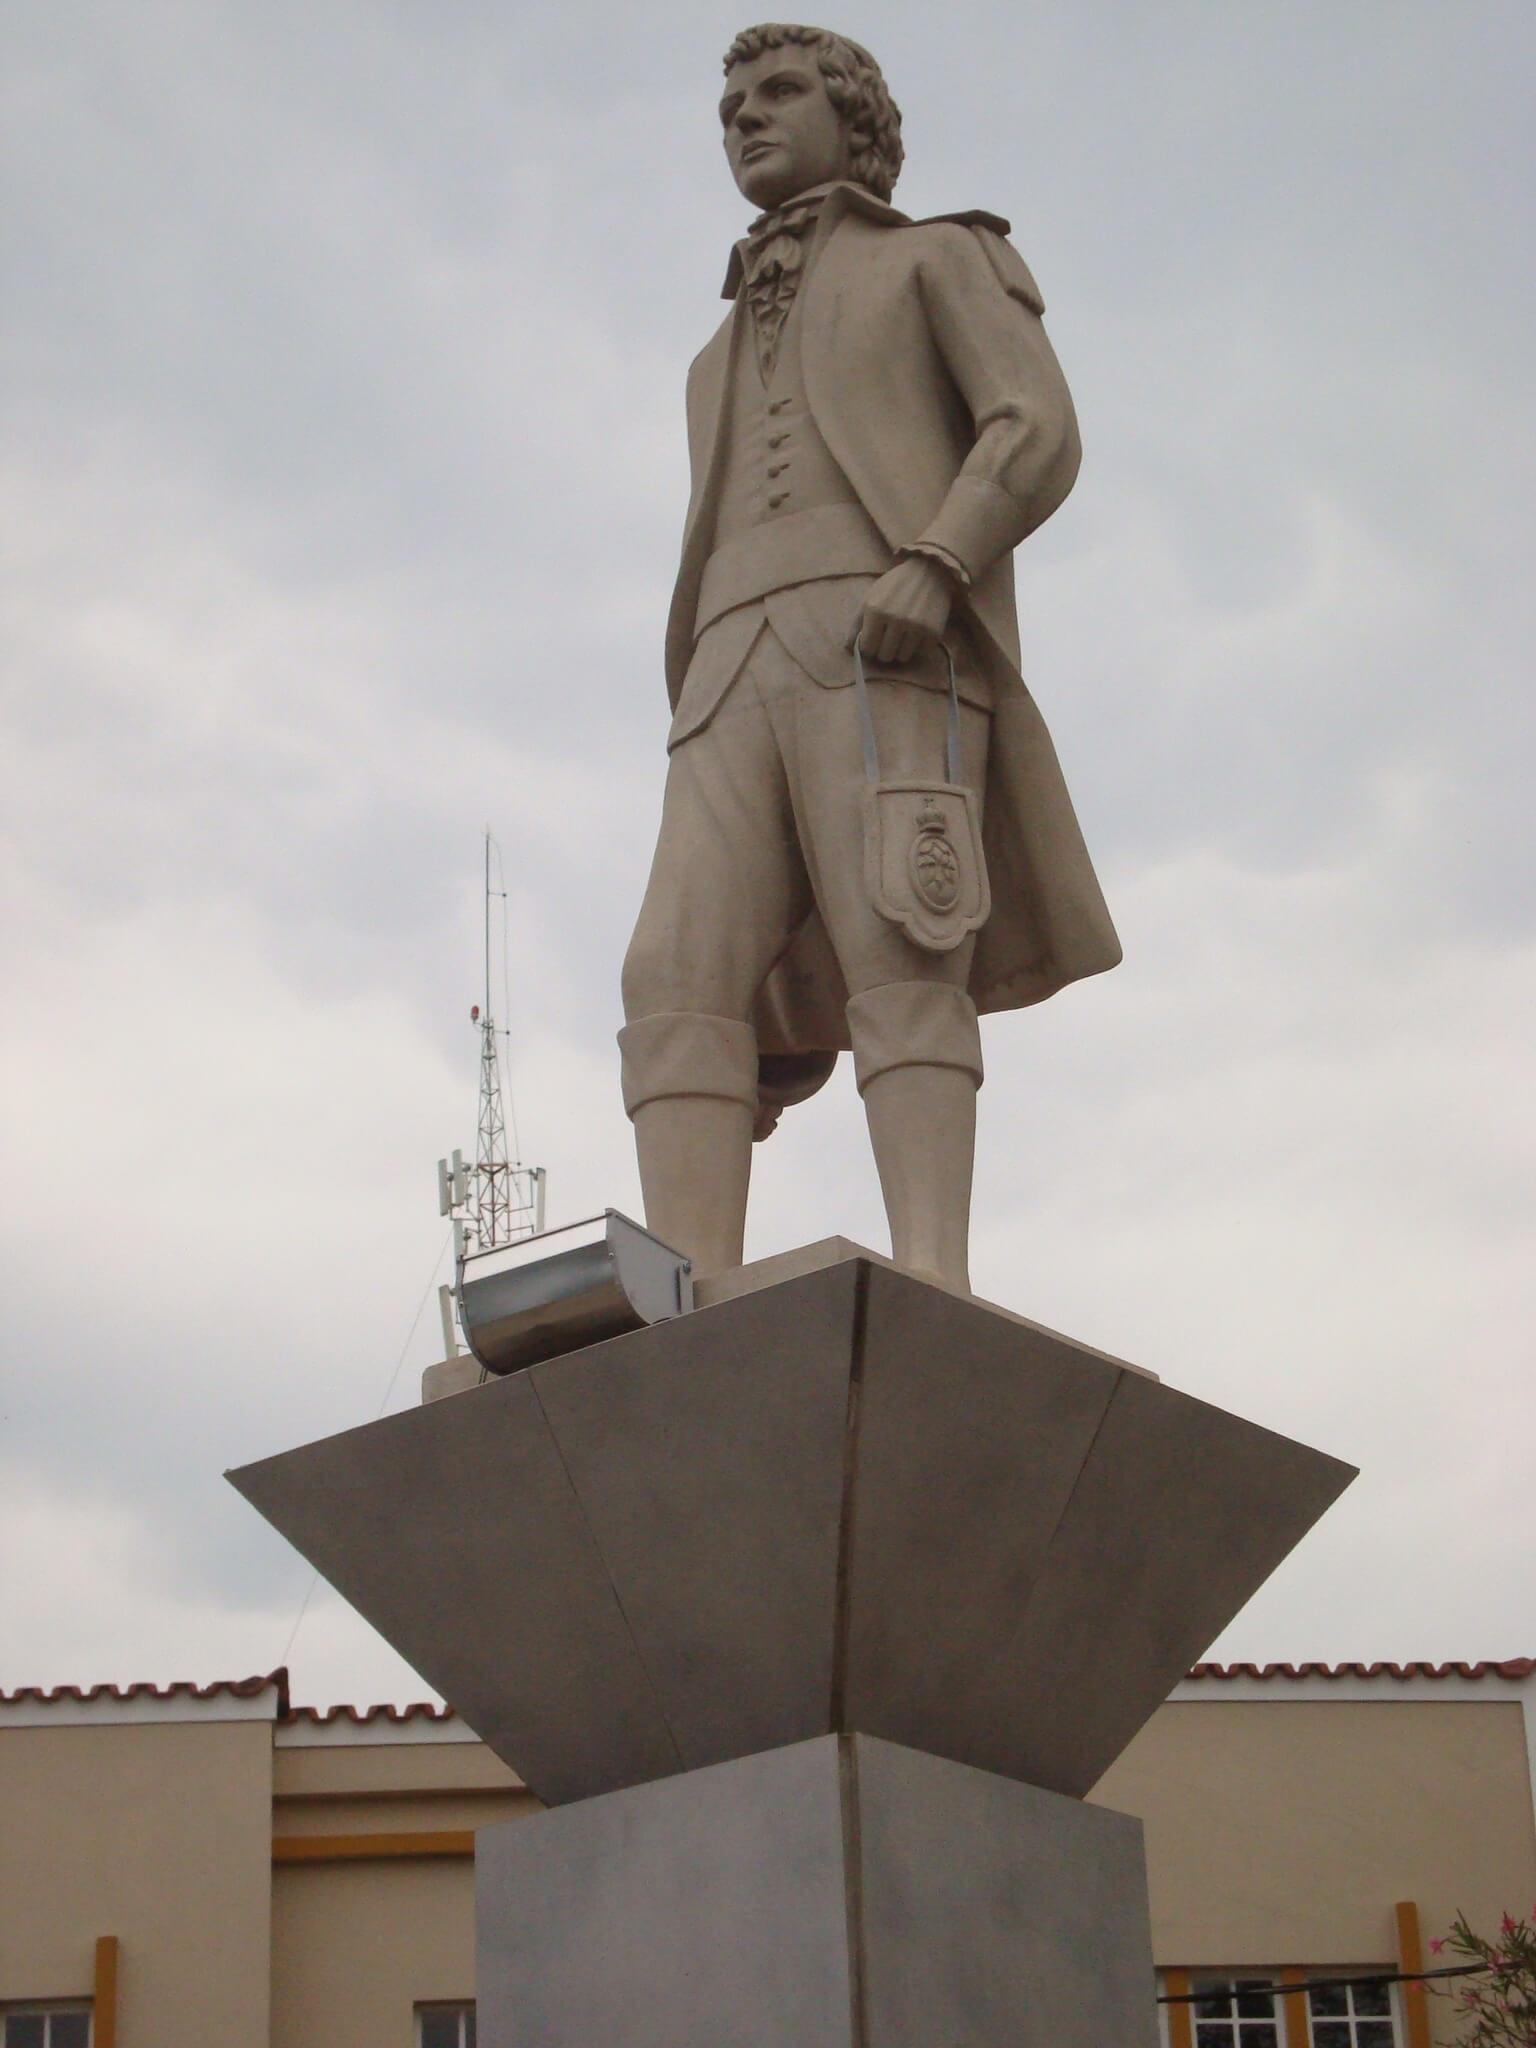 Monumento a Resende Costa - Resende Costa